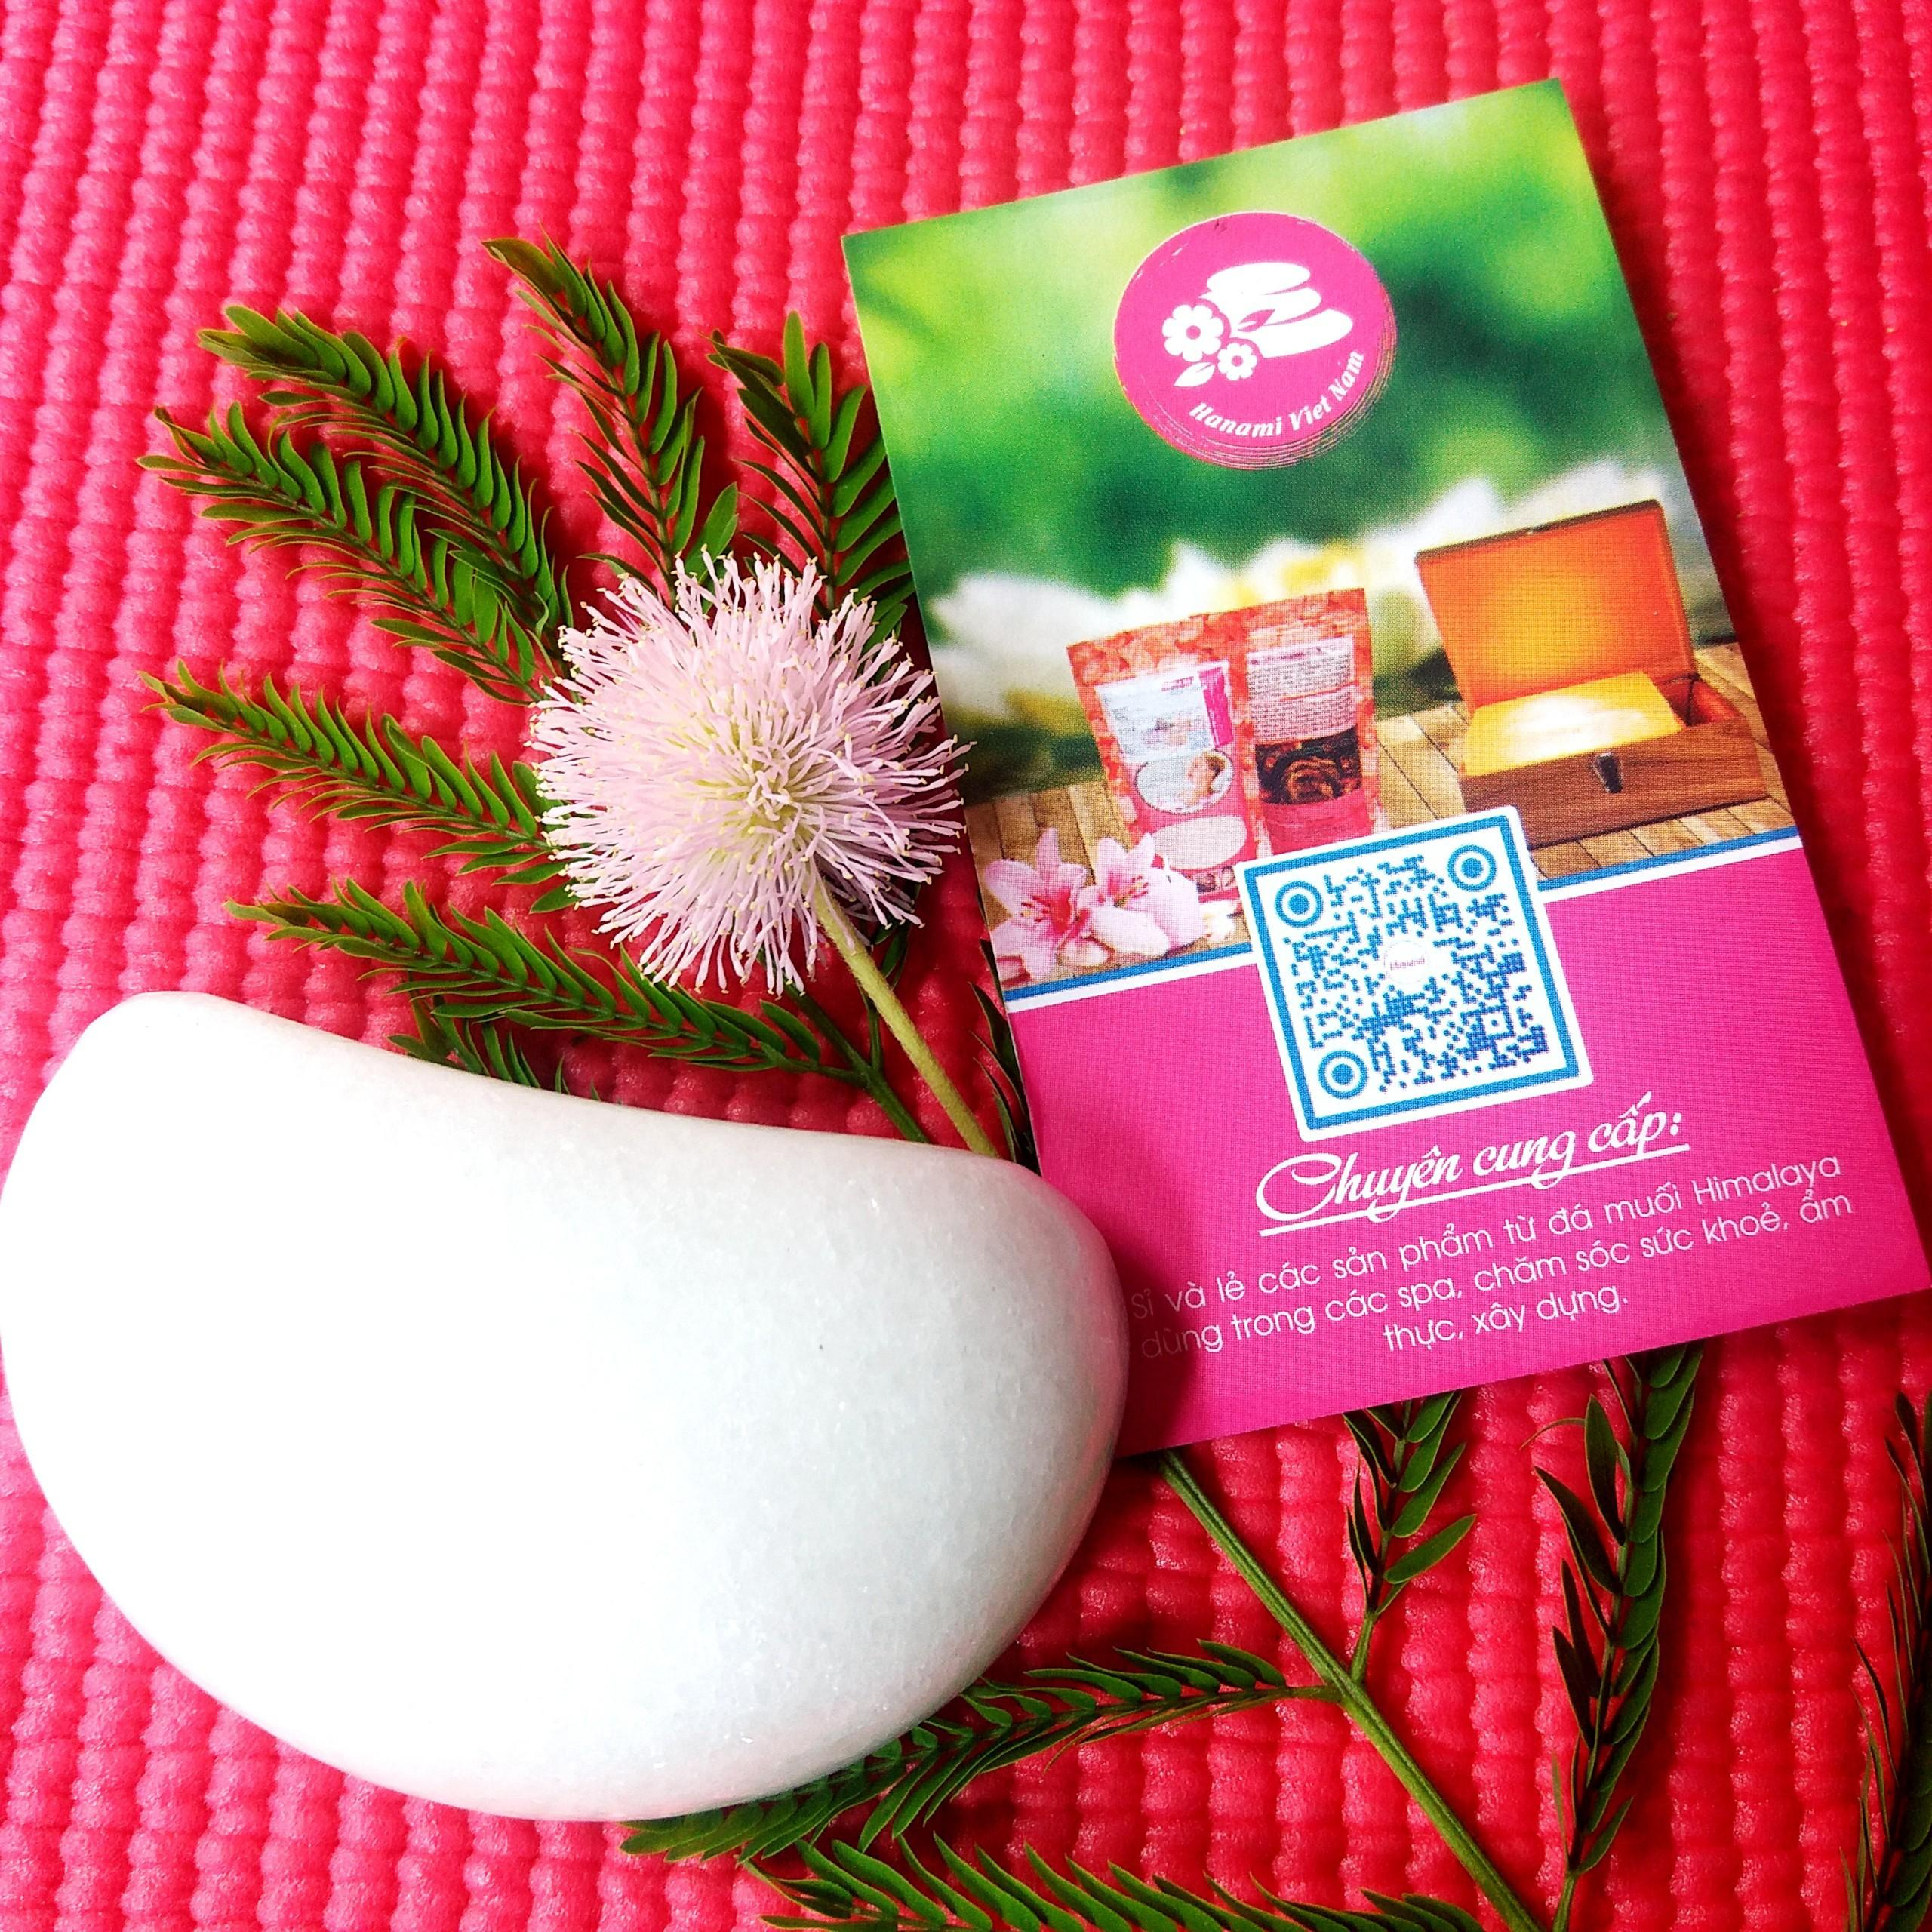 Cặp Đá Massage Bầu Mắt Bằng Đá Cẩm Thạch - Liệu Pháp Massage Đá Lạnh - 2 Viên